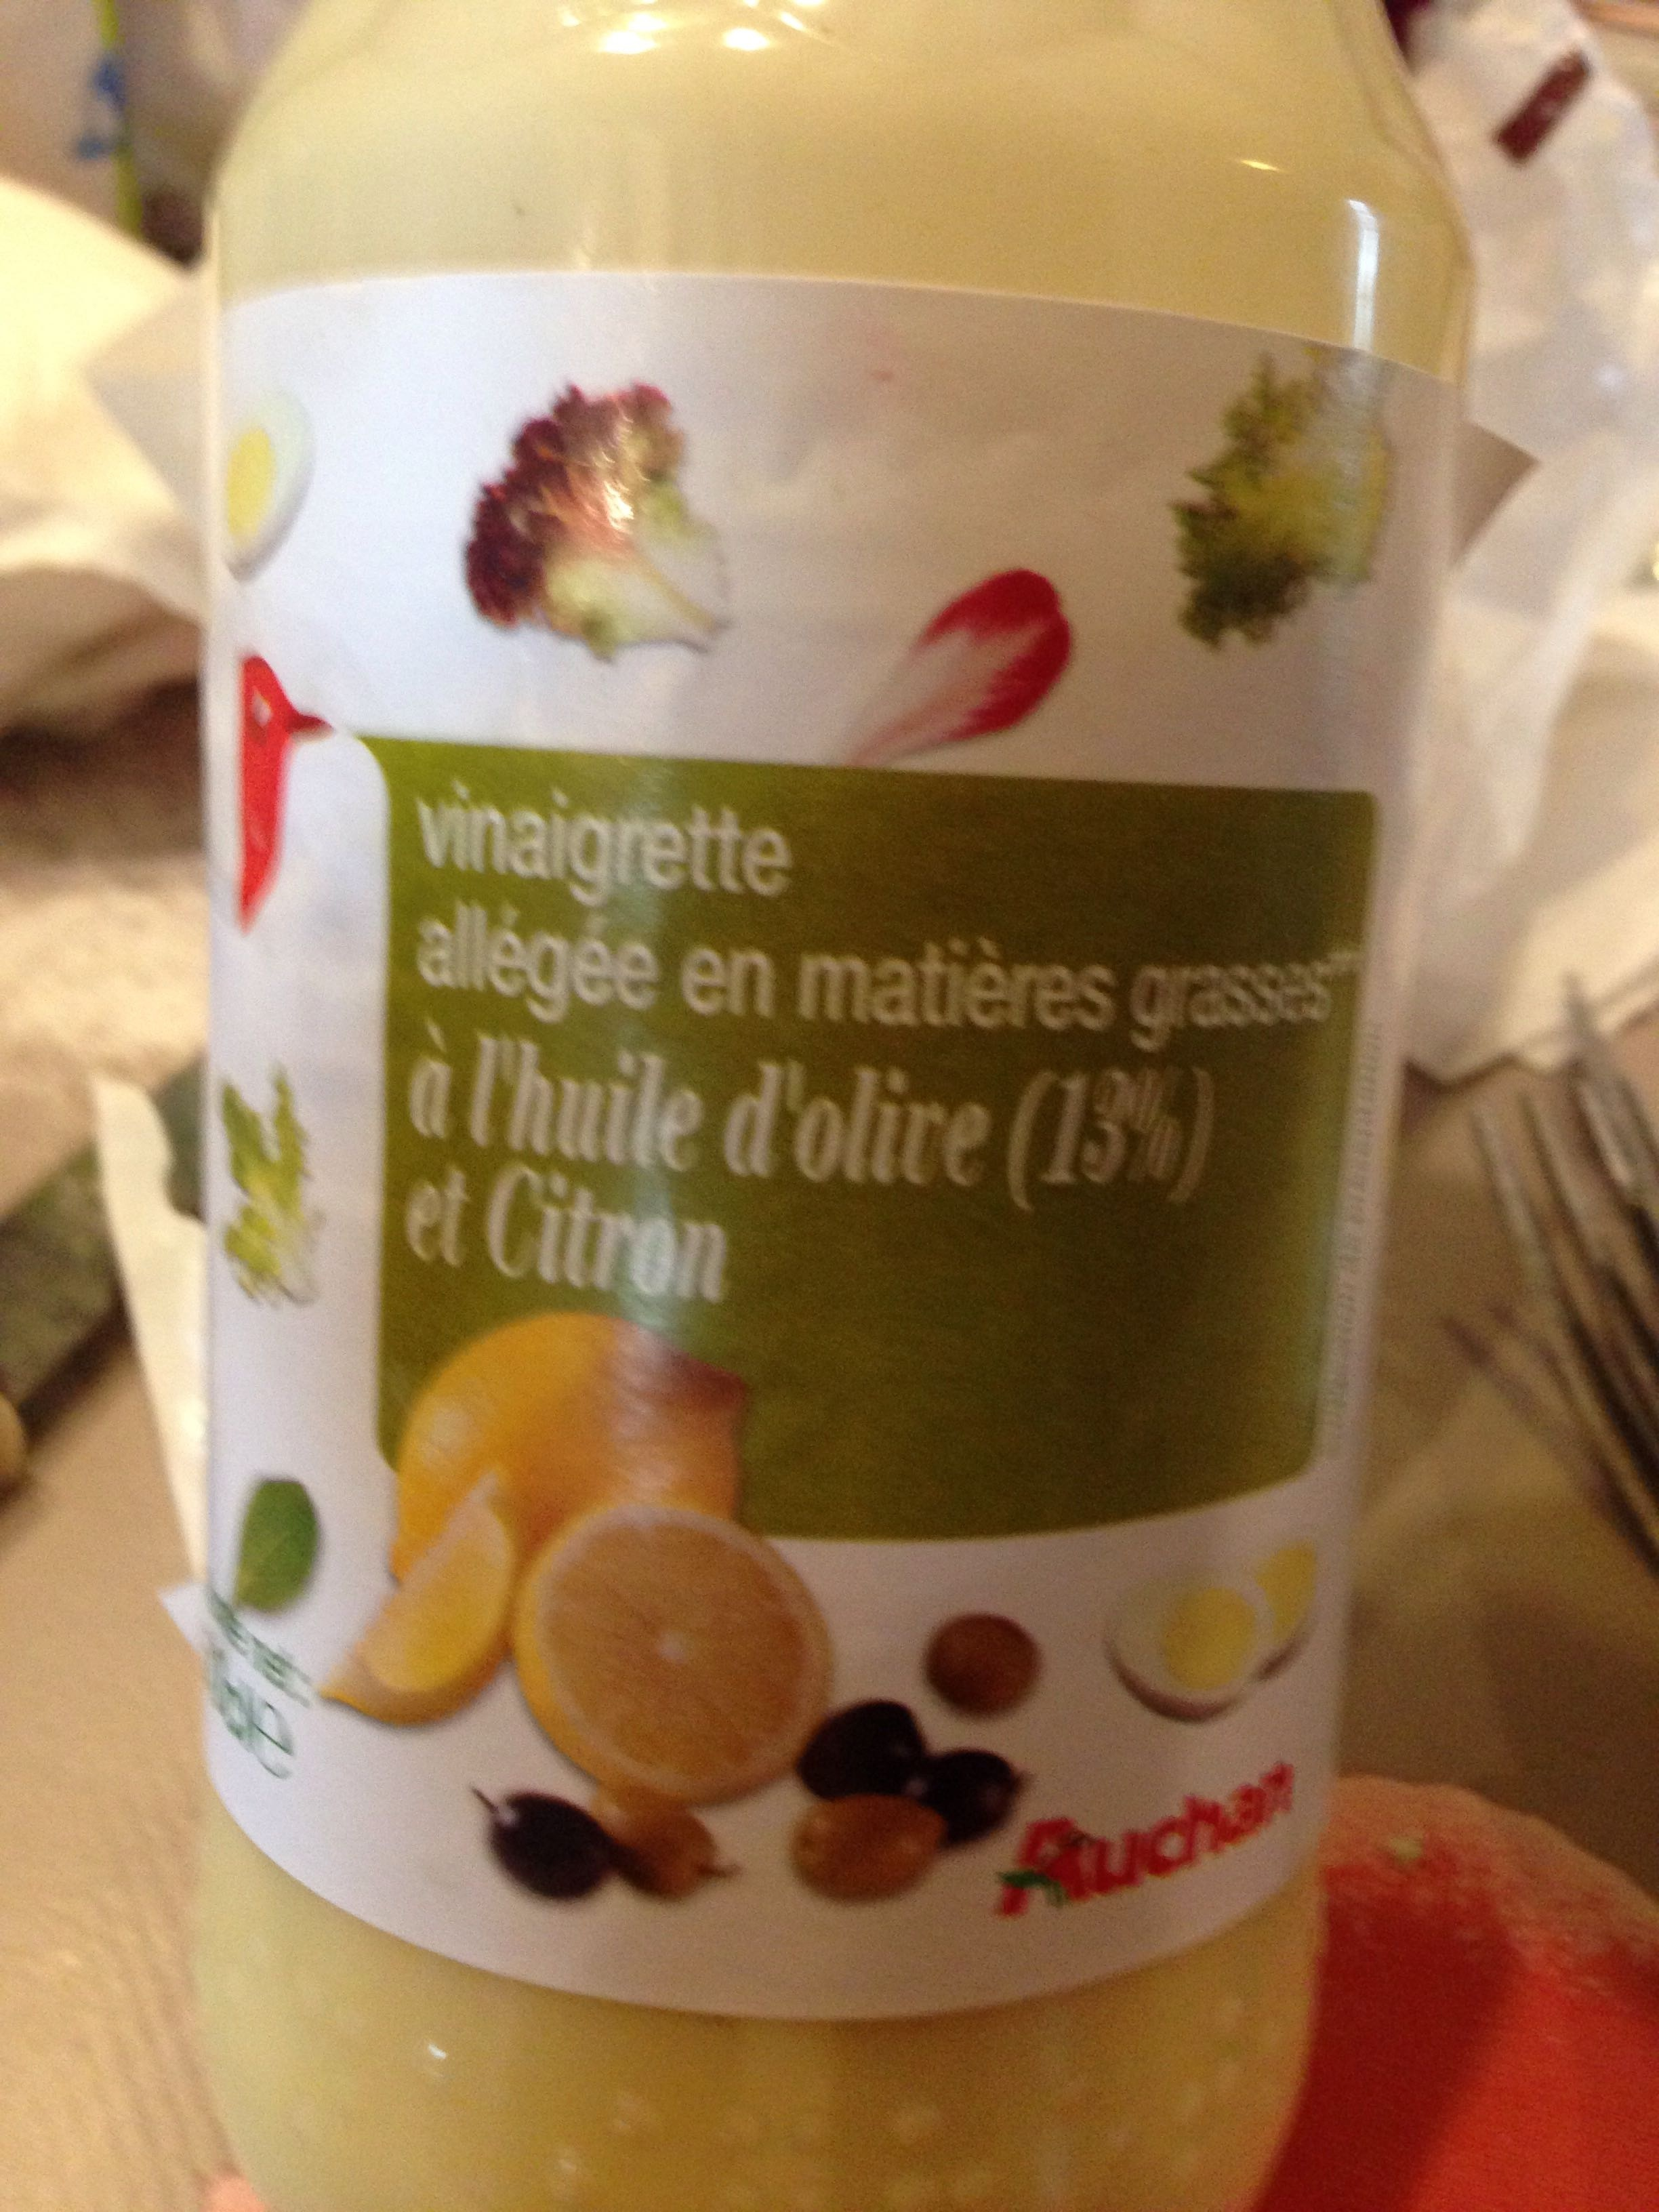 Vinaigrette Allégée en Matières Grasses à l'Huile d'Olive (13%) et Citron - Produit - fr